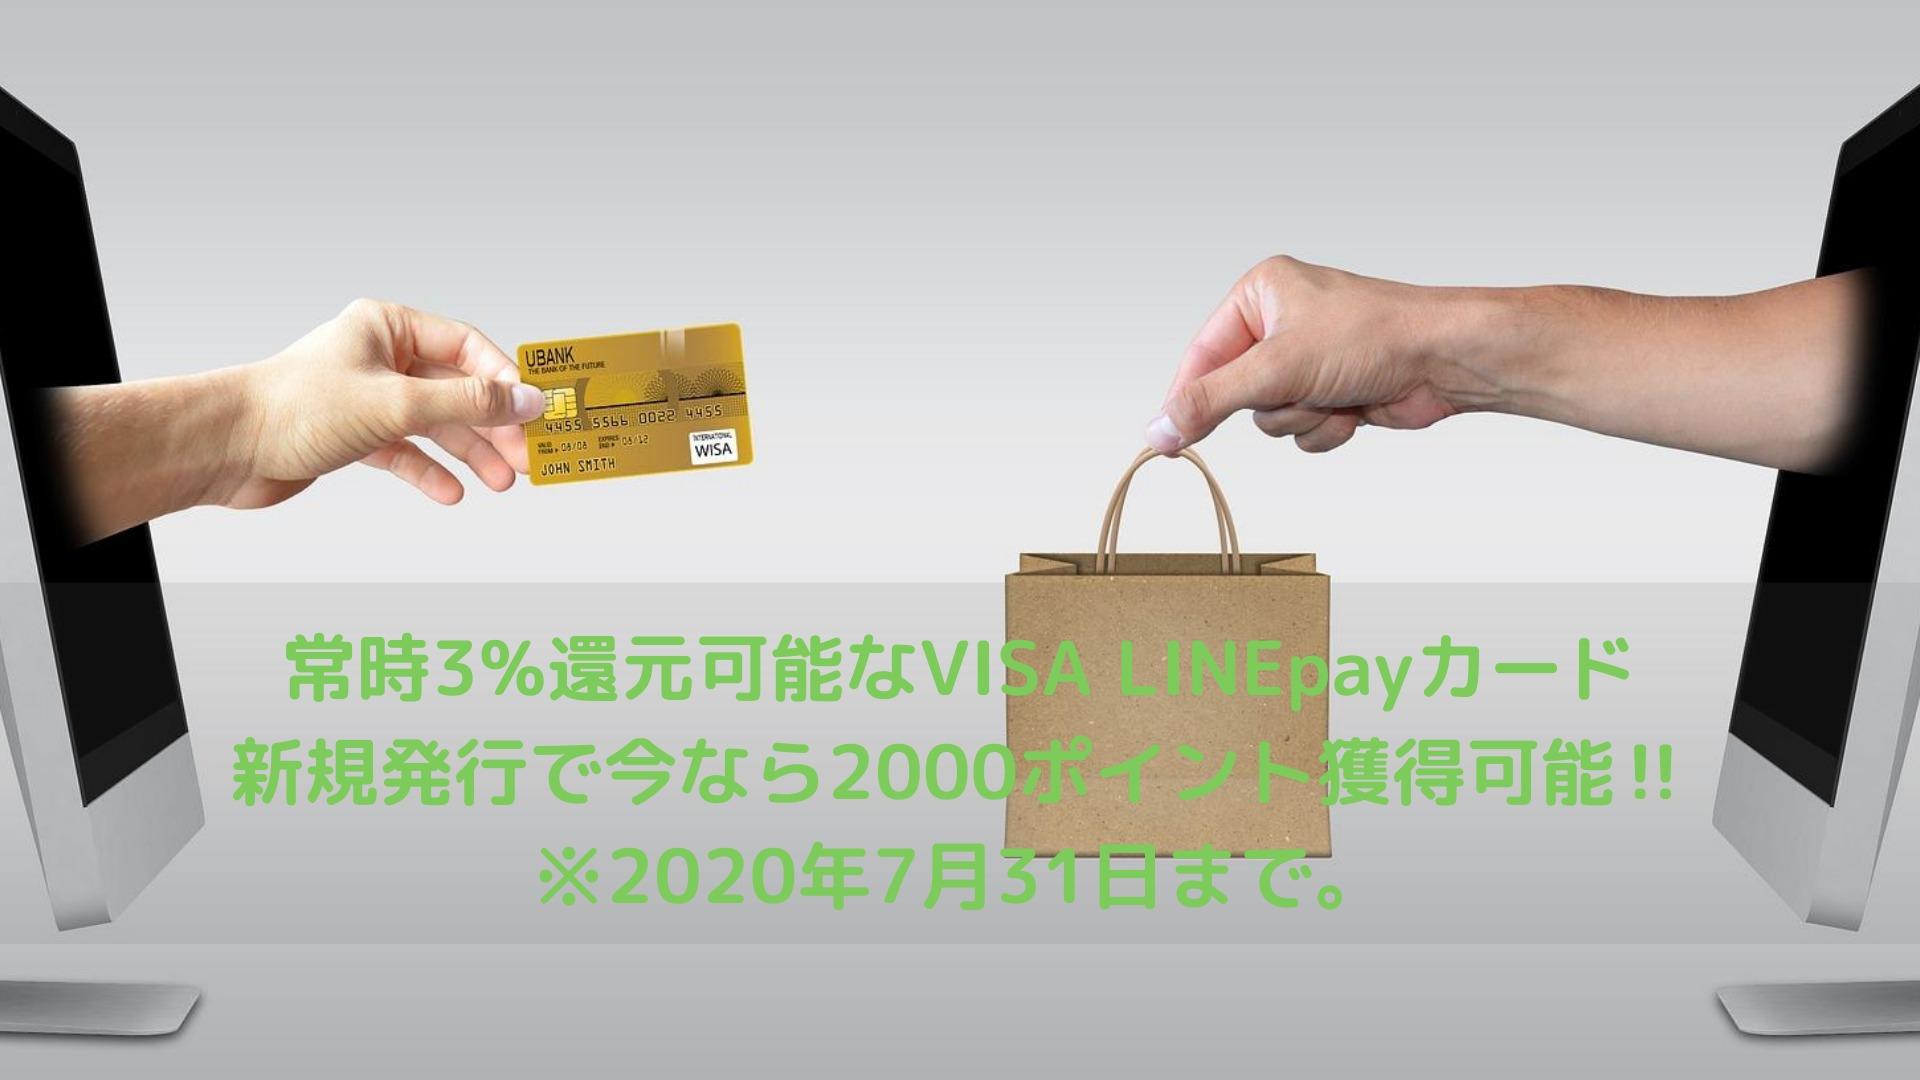 常時3%還元可能なVISA LINEpayカード新規発行で今なら2000ポイント獲得可能‼︎※2020年7月31日まで。